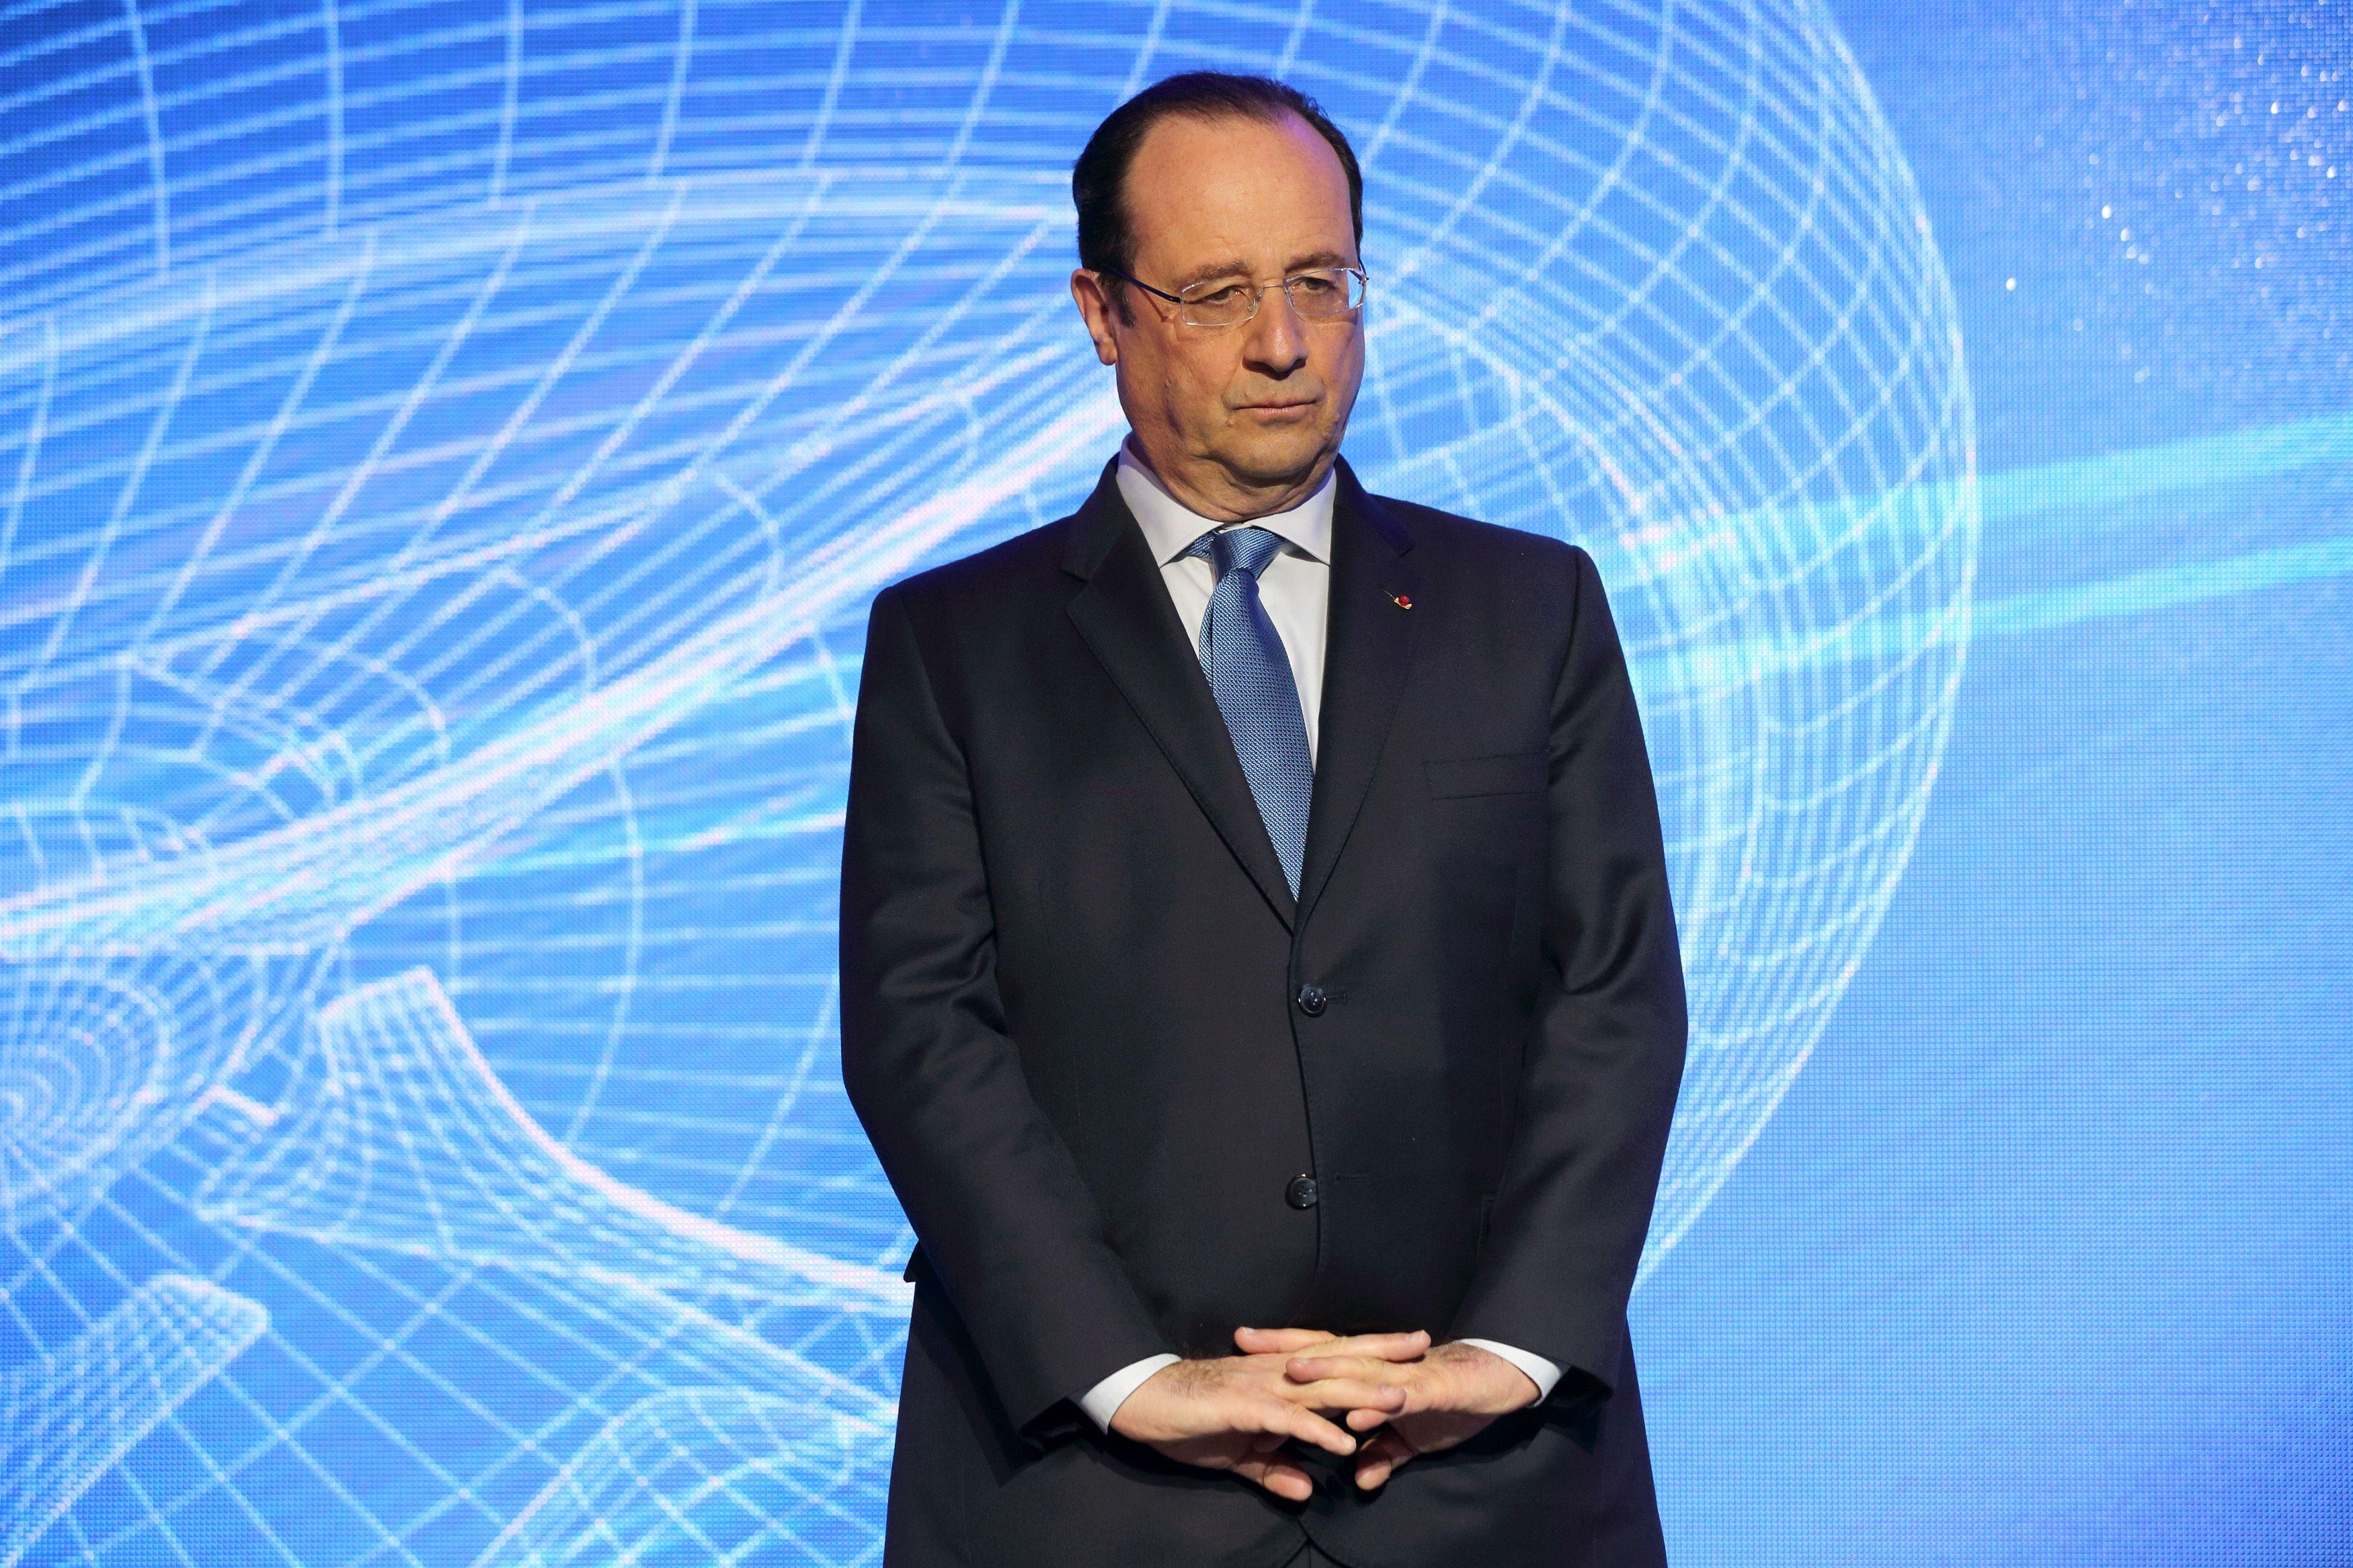 Pour son deuxième anniversaire à la tête de l'Etat, François Hollande était l'invité de Jean-Jacques Bourdin.